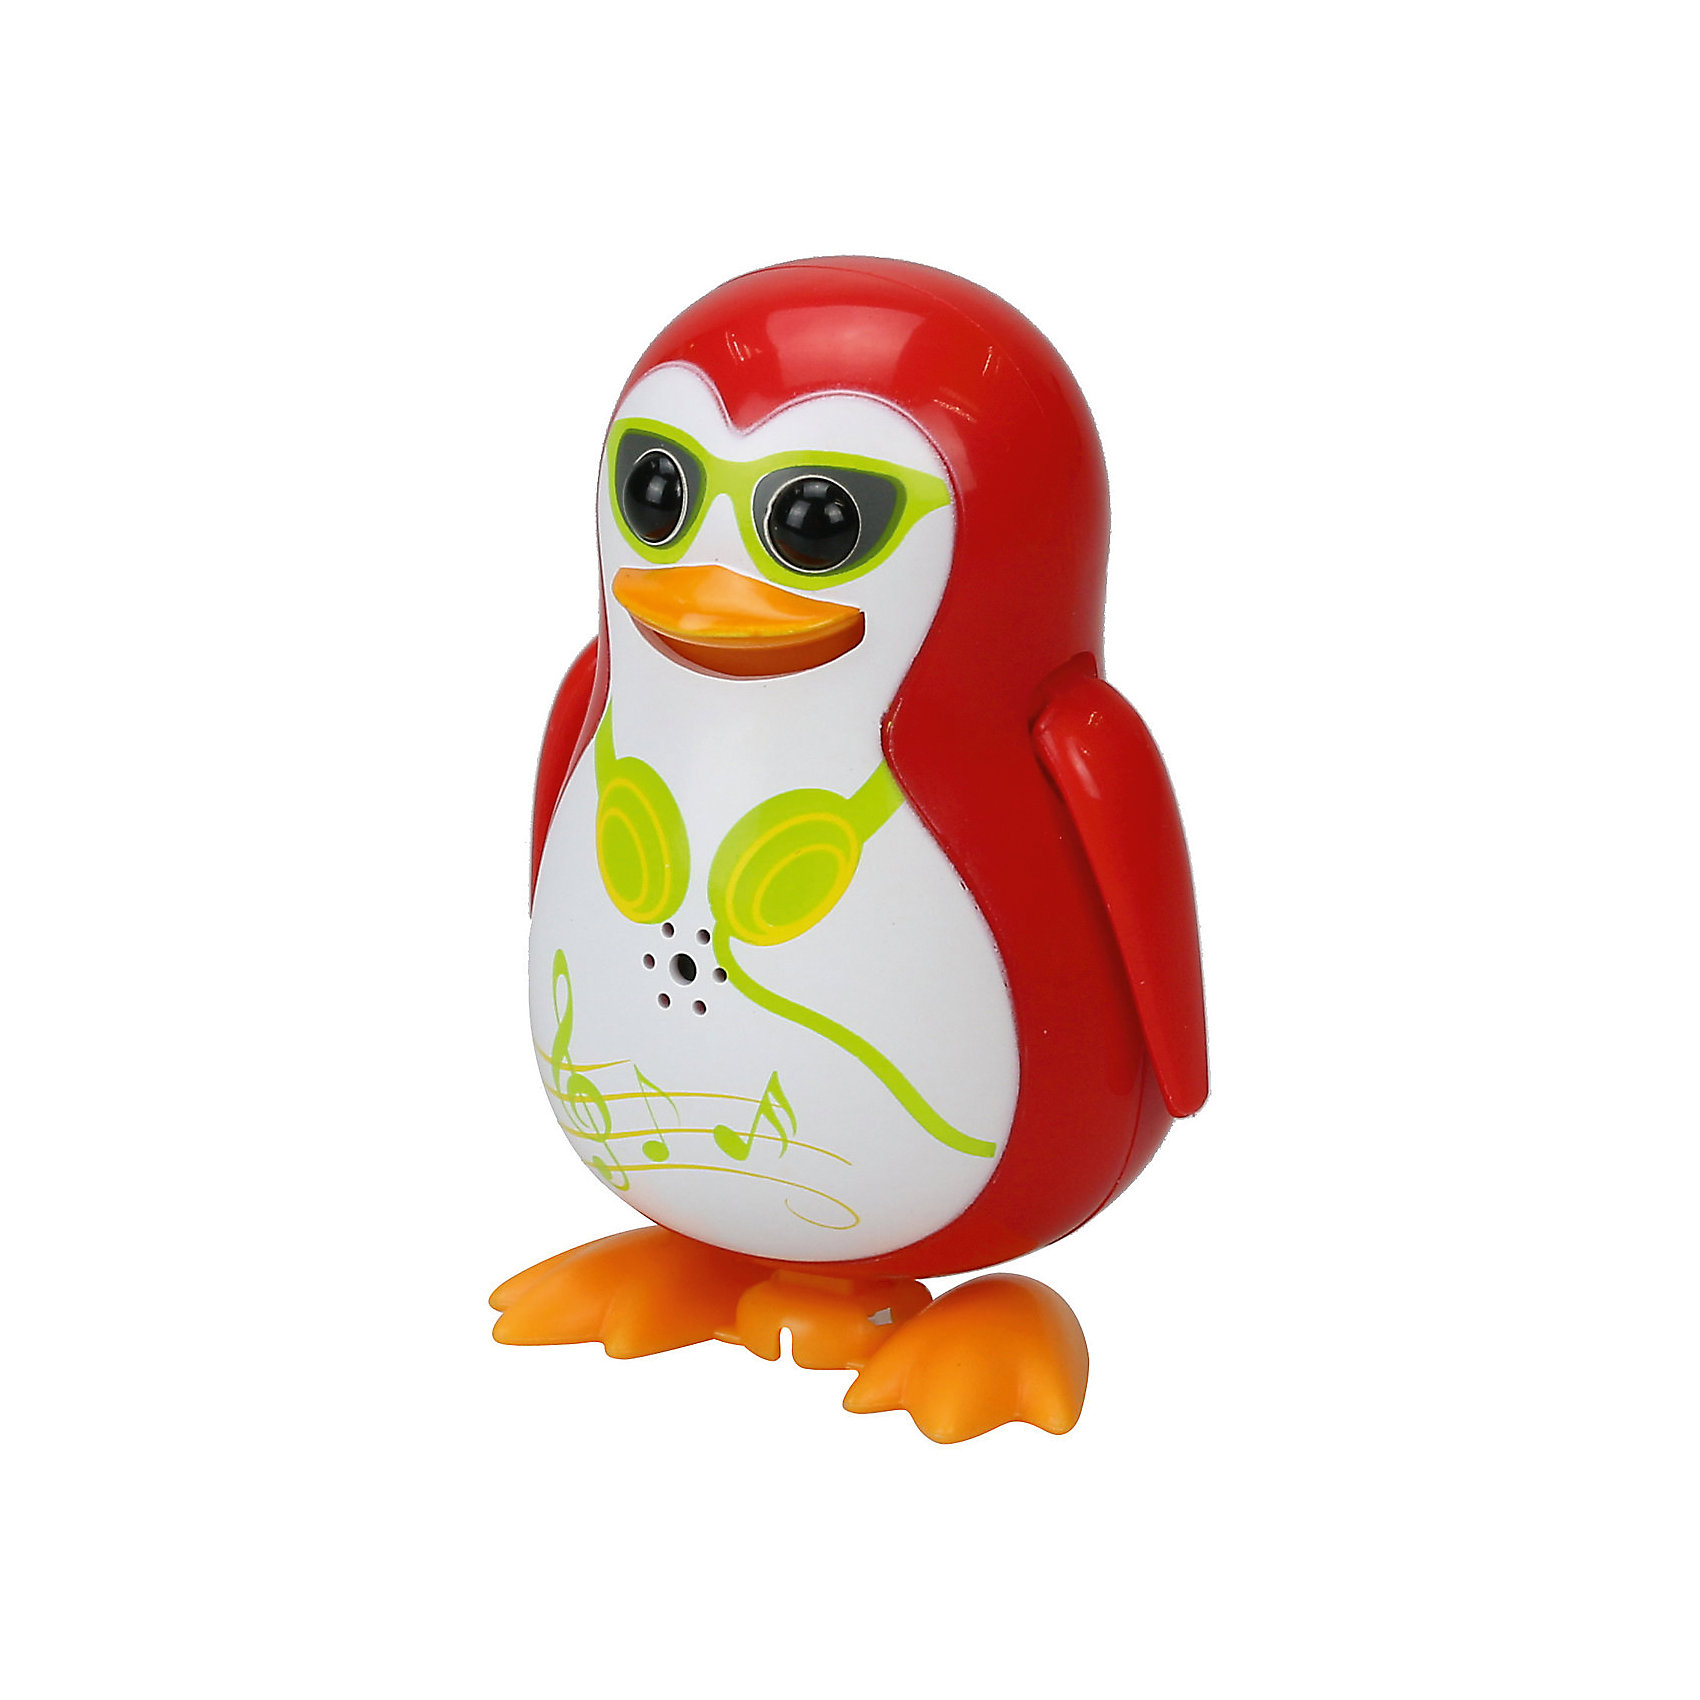 Silverlit Поющий пингвин с кольцом, красный, DigiBirds silverlit пингвин с кольцом фиолетовый художник